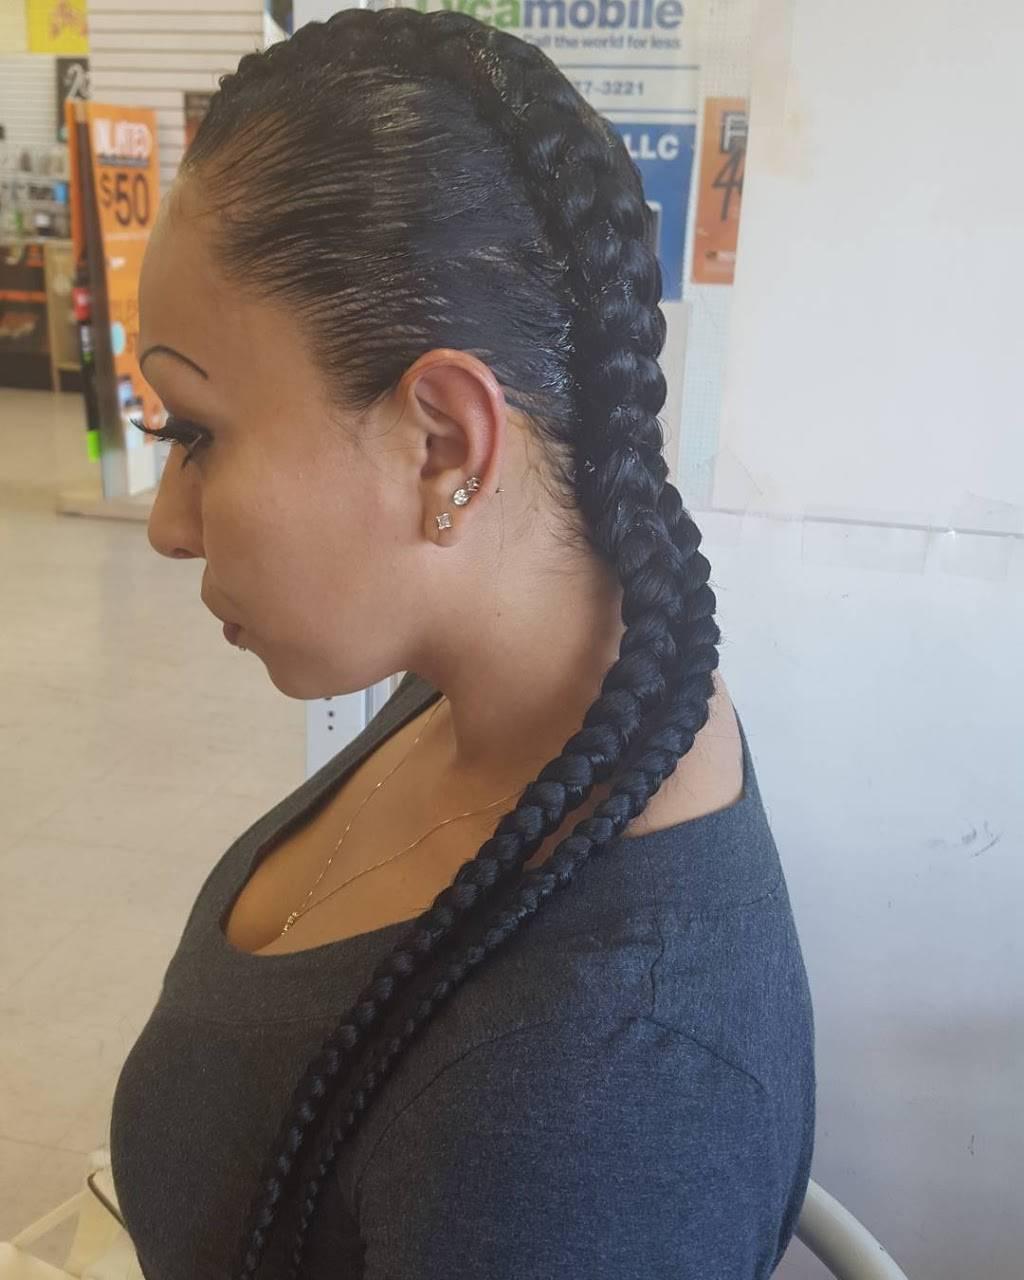 Taslim African Hair Braiding - hair care  | Photo 8 of 10 | Address: 4515 Village Fair Dr, Dallas, TX 75224, USA | Phone: (214) 371-2002